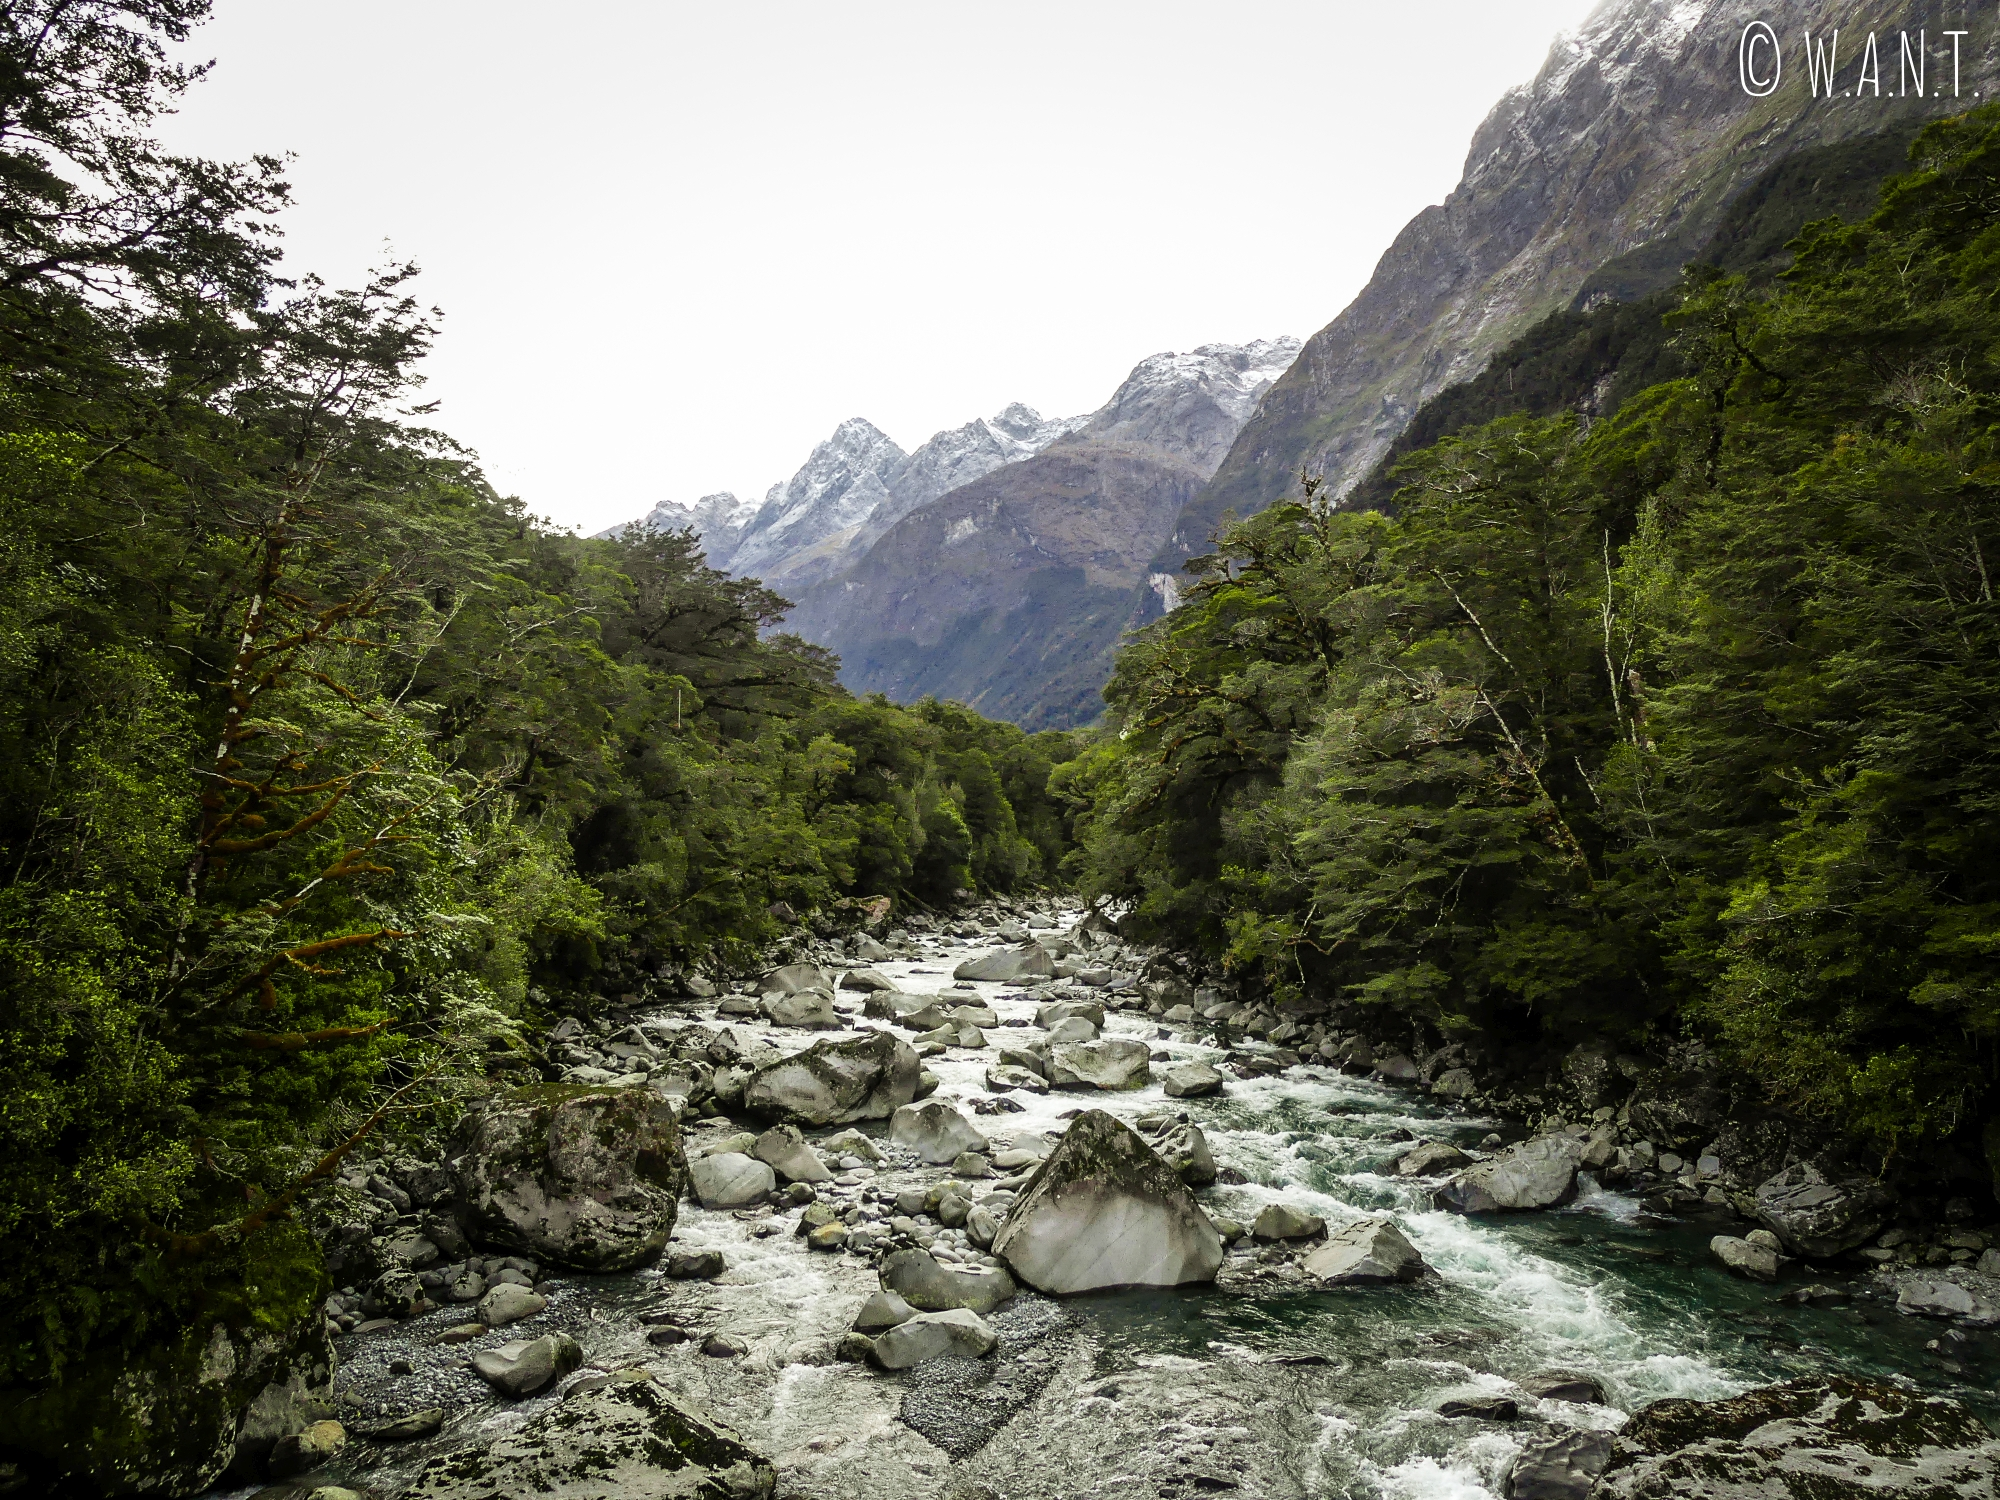 Nous nous arrêtons de nombreuses fois sur la Hollyford Road pour observer le paysage en Nouvelle-Zélande